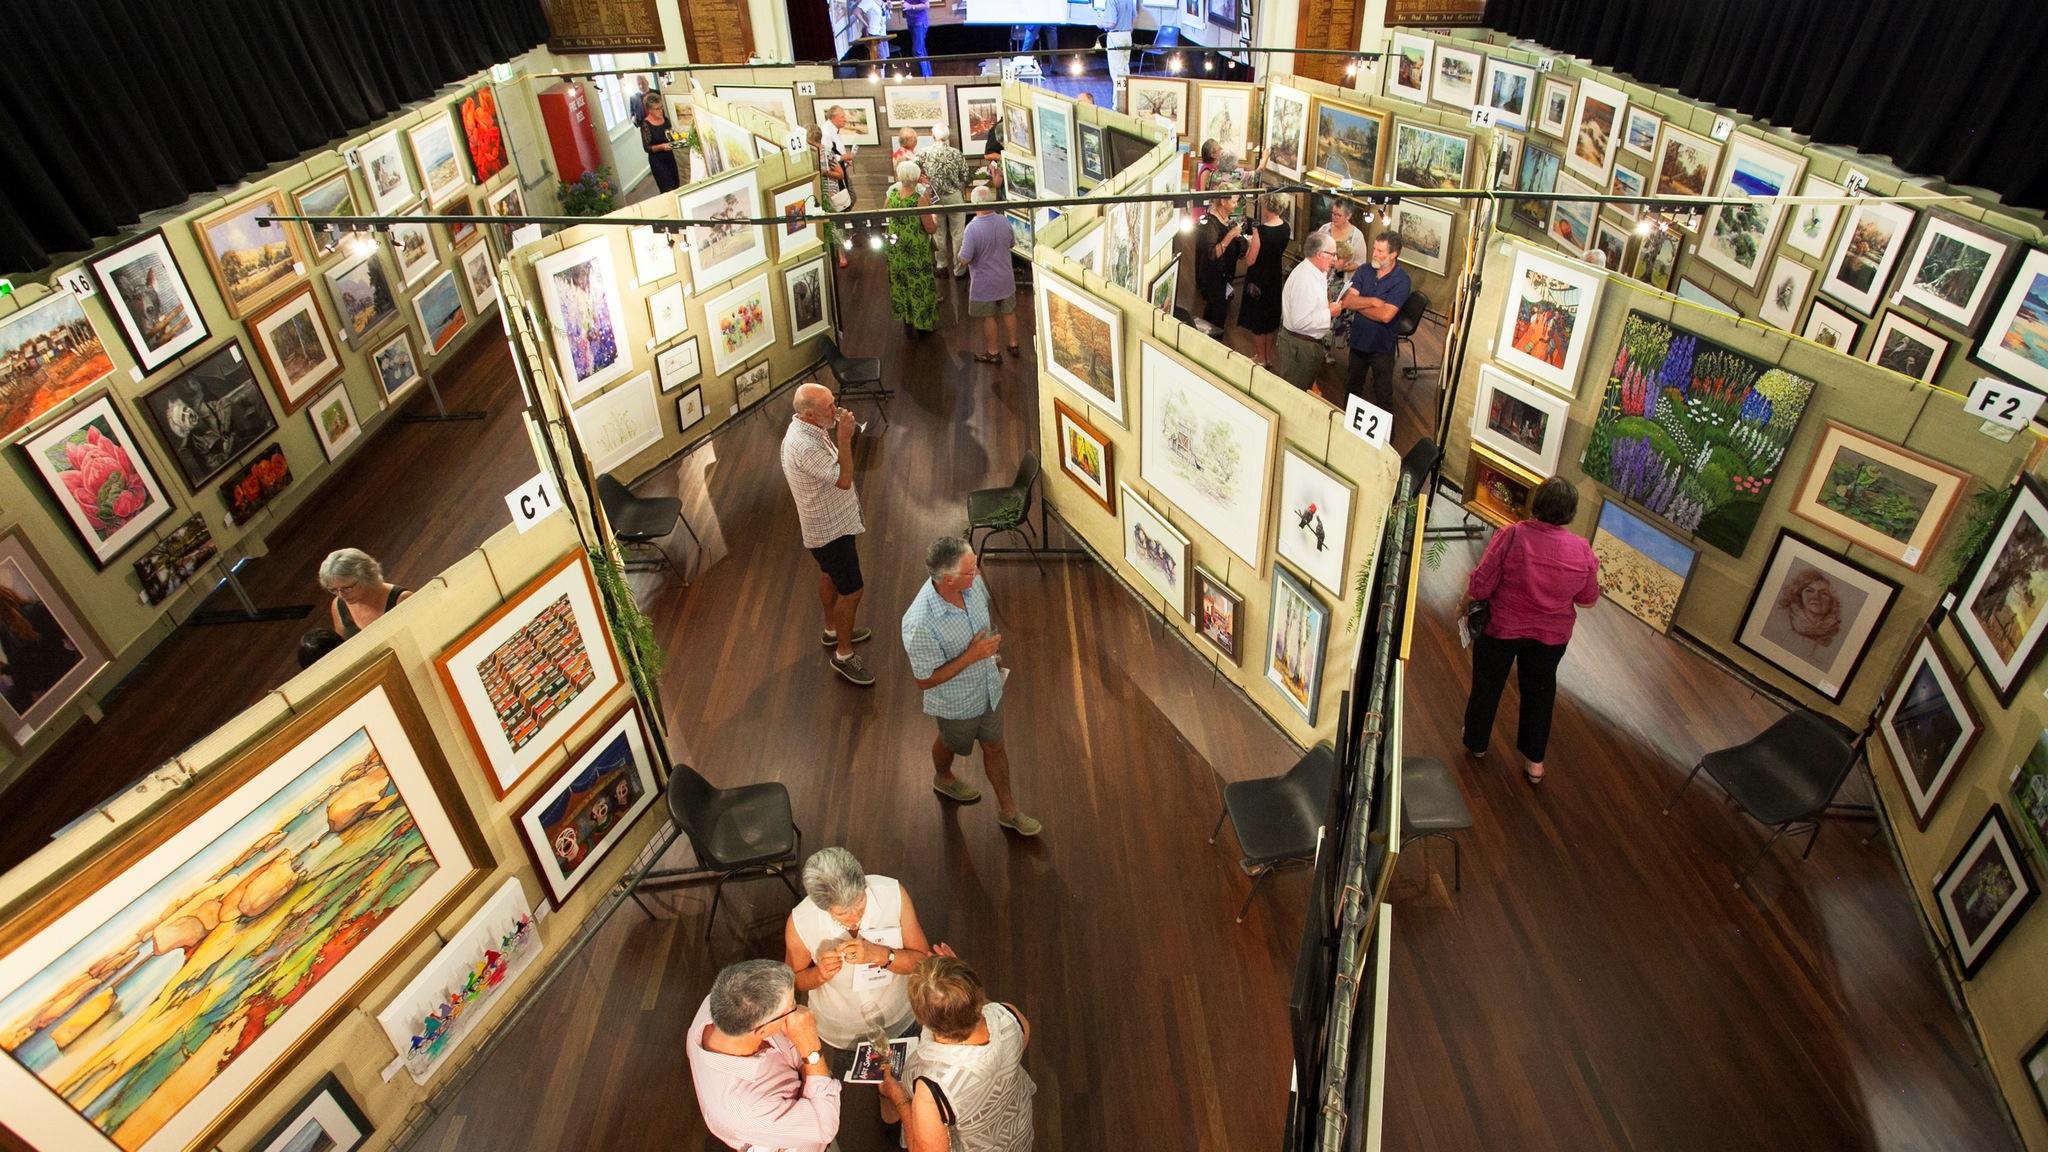 Yea Rotary Art Show - view from mezzanine